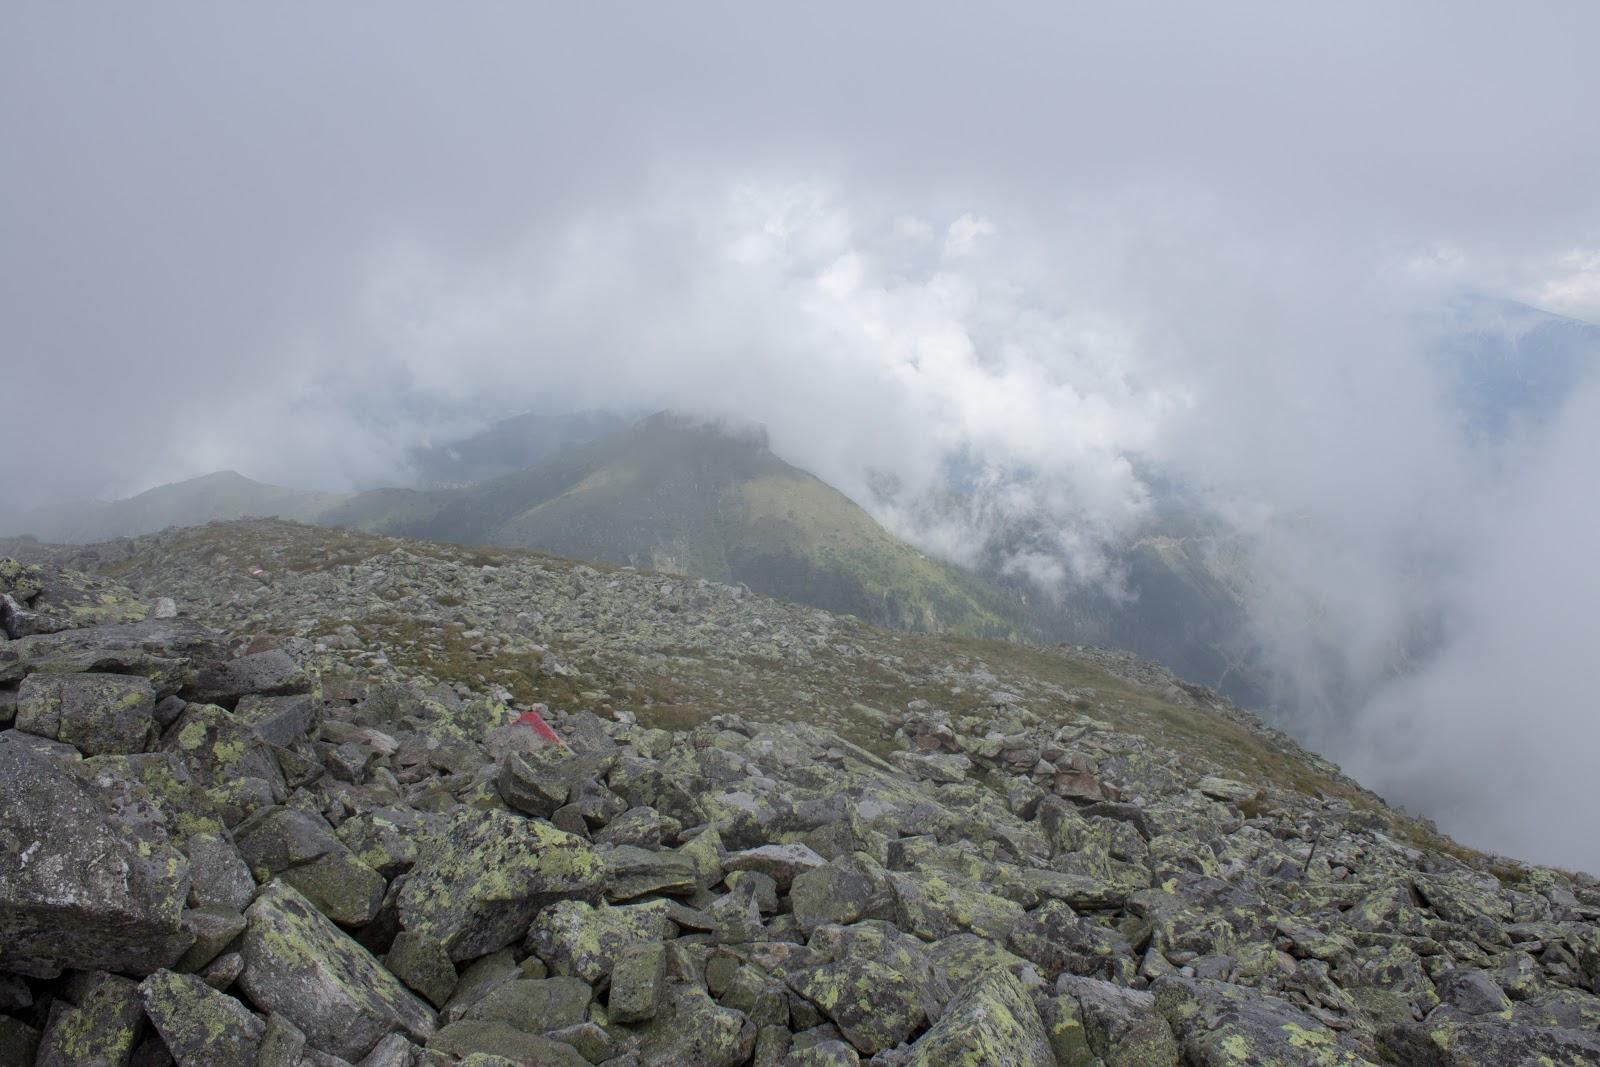 Wanderung vom Ingeringgraben über den Schmähhausrücken auf den Hochreichart. - Nebel